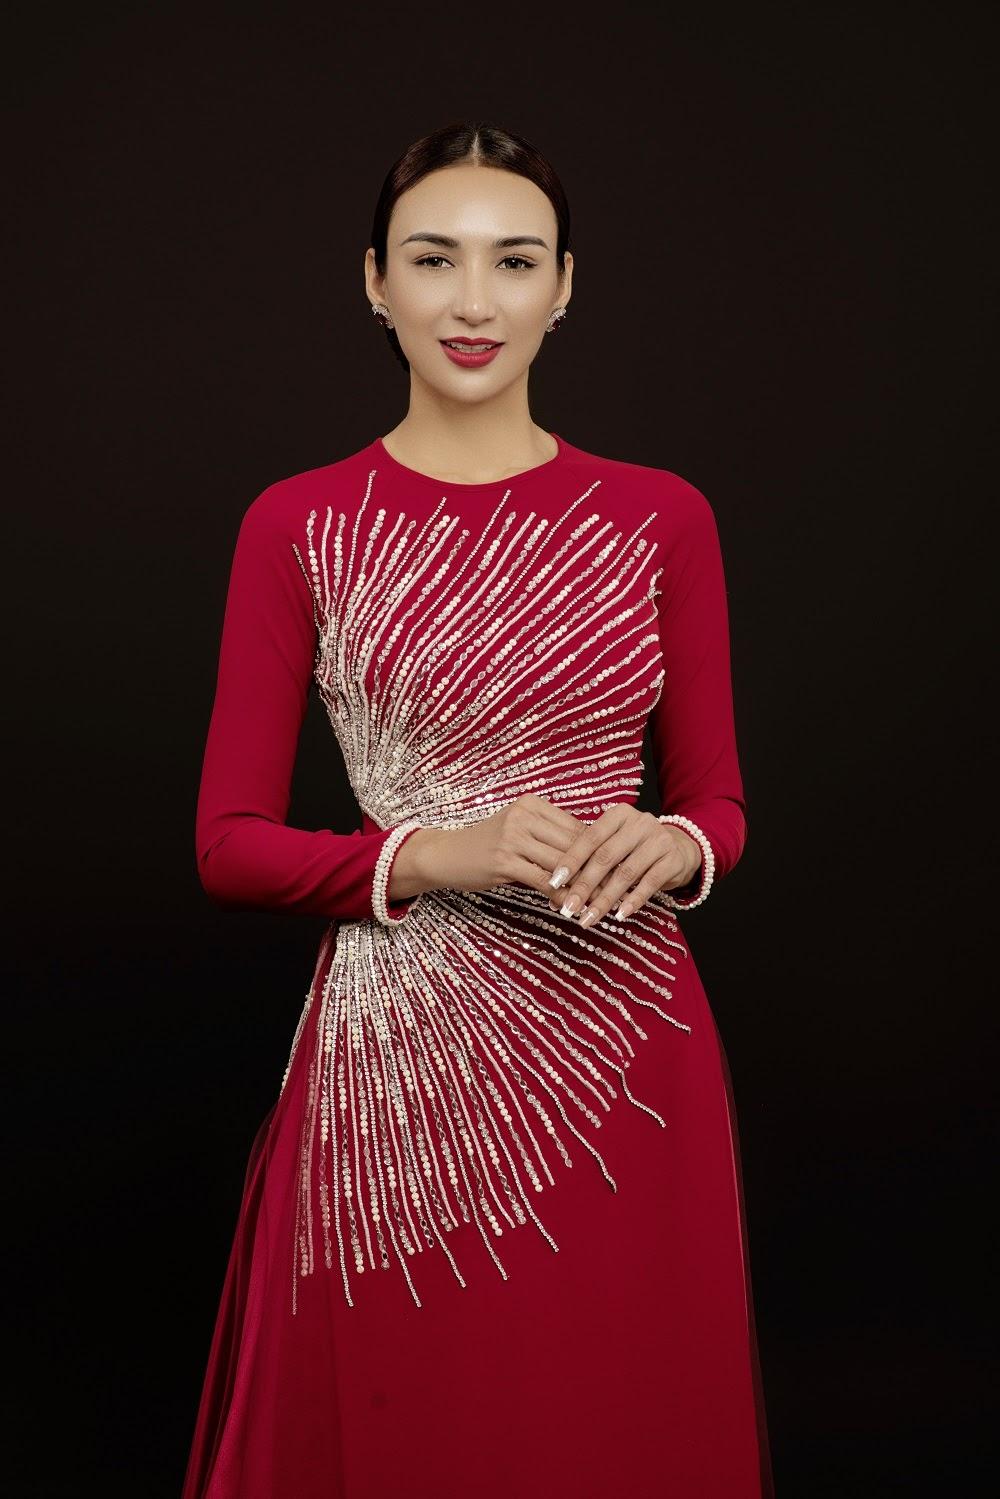 Hoa hậu Ngọc Diễm tiết lộ lý do không theo đuổi hình ảnh gợi cảm: Làm gì tôi cũng phải nghĩ cho con gái - Hình 1